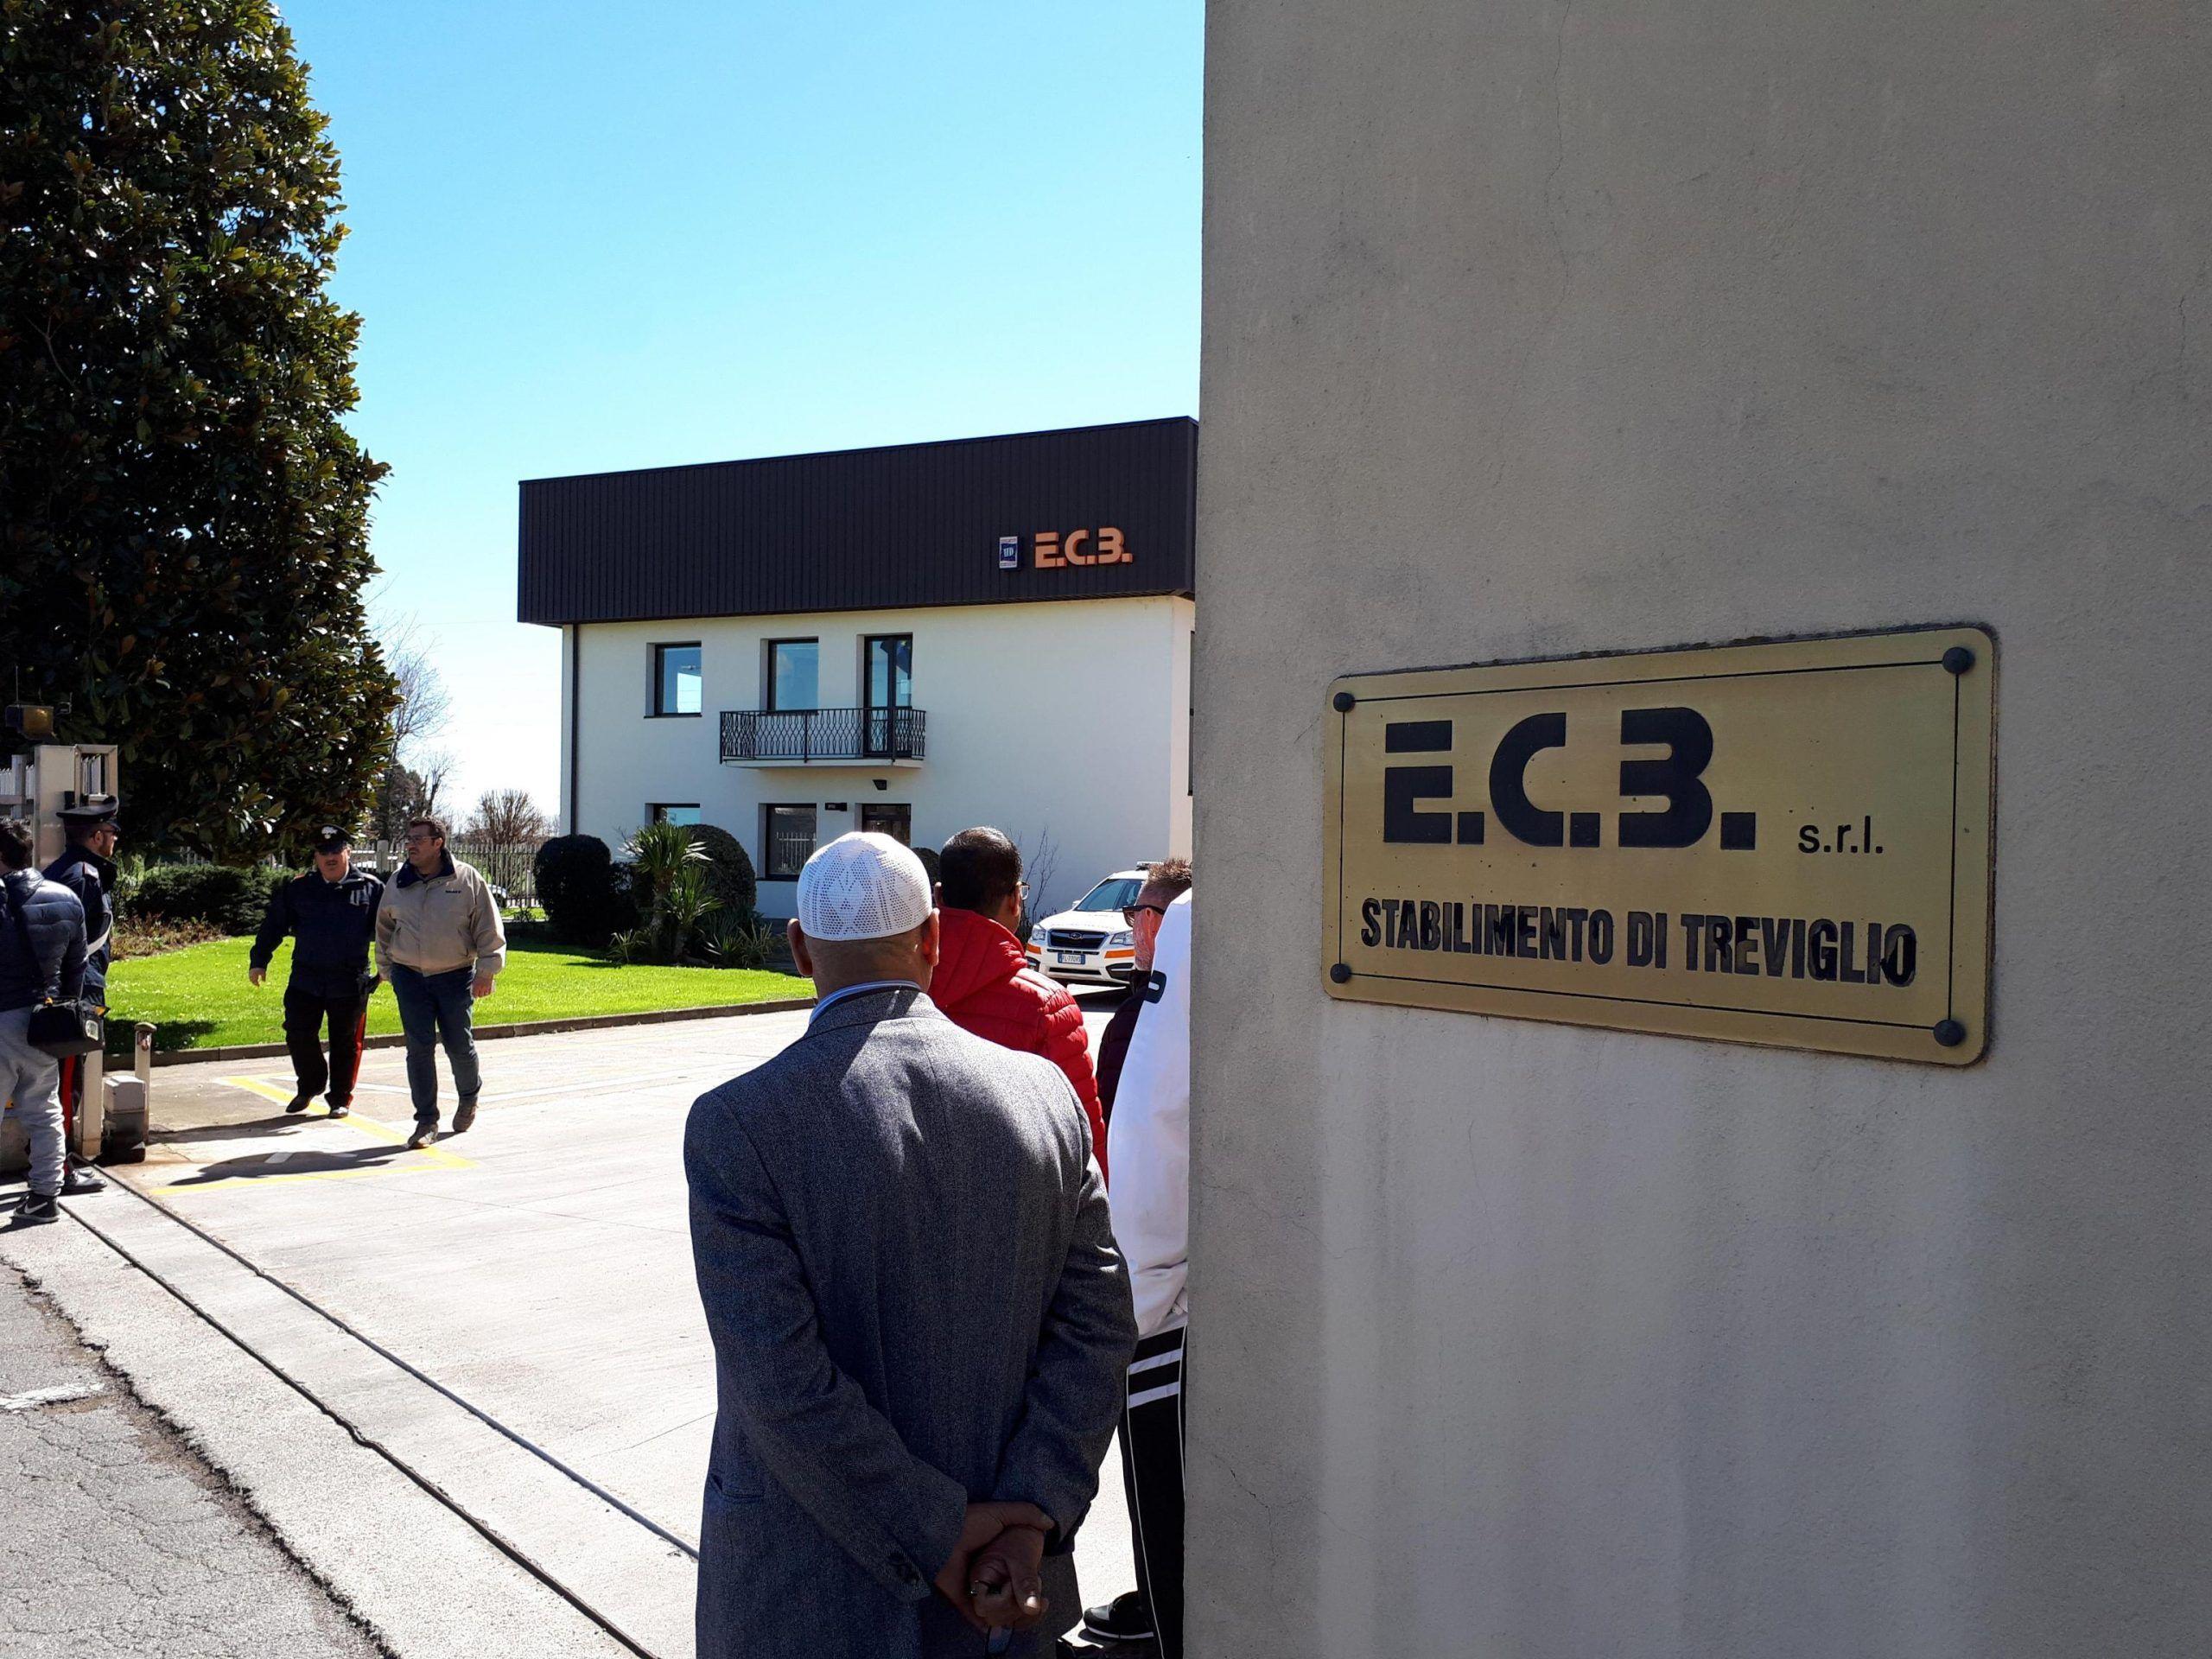 Esplosione in un'azienda a Treviglio